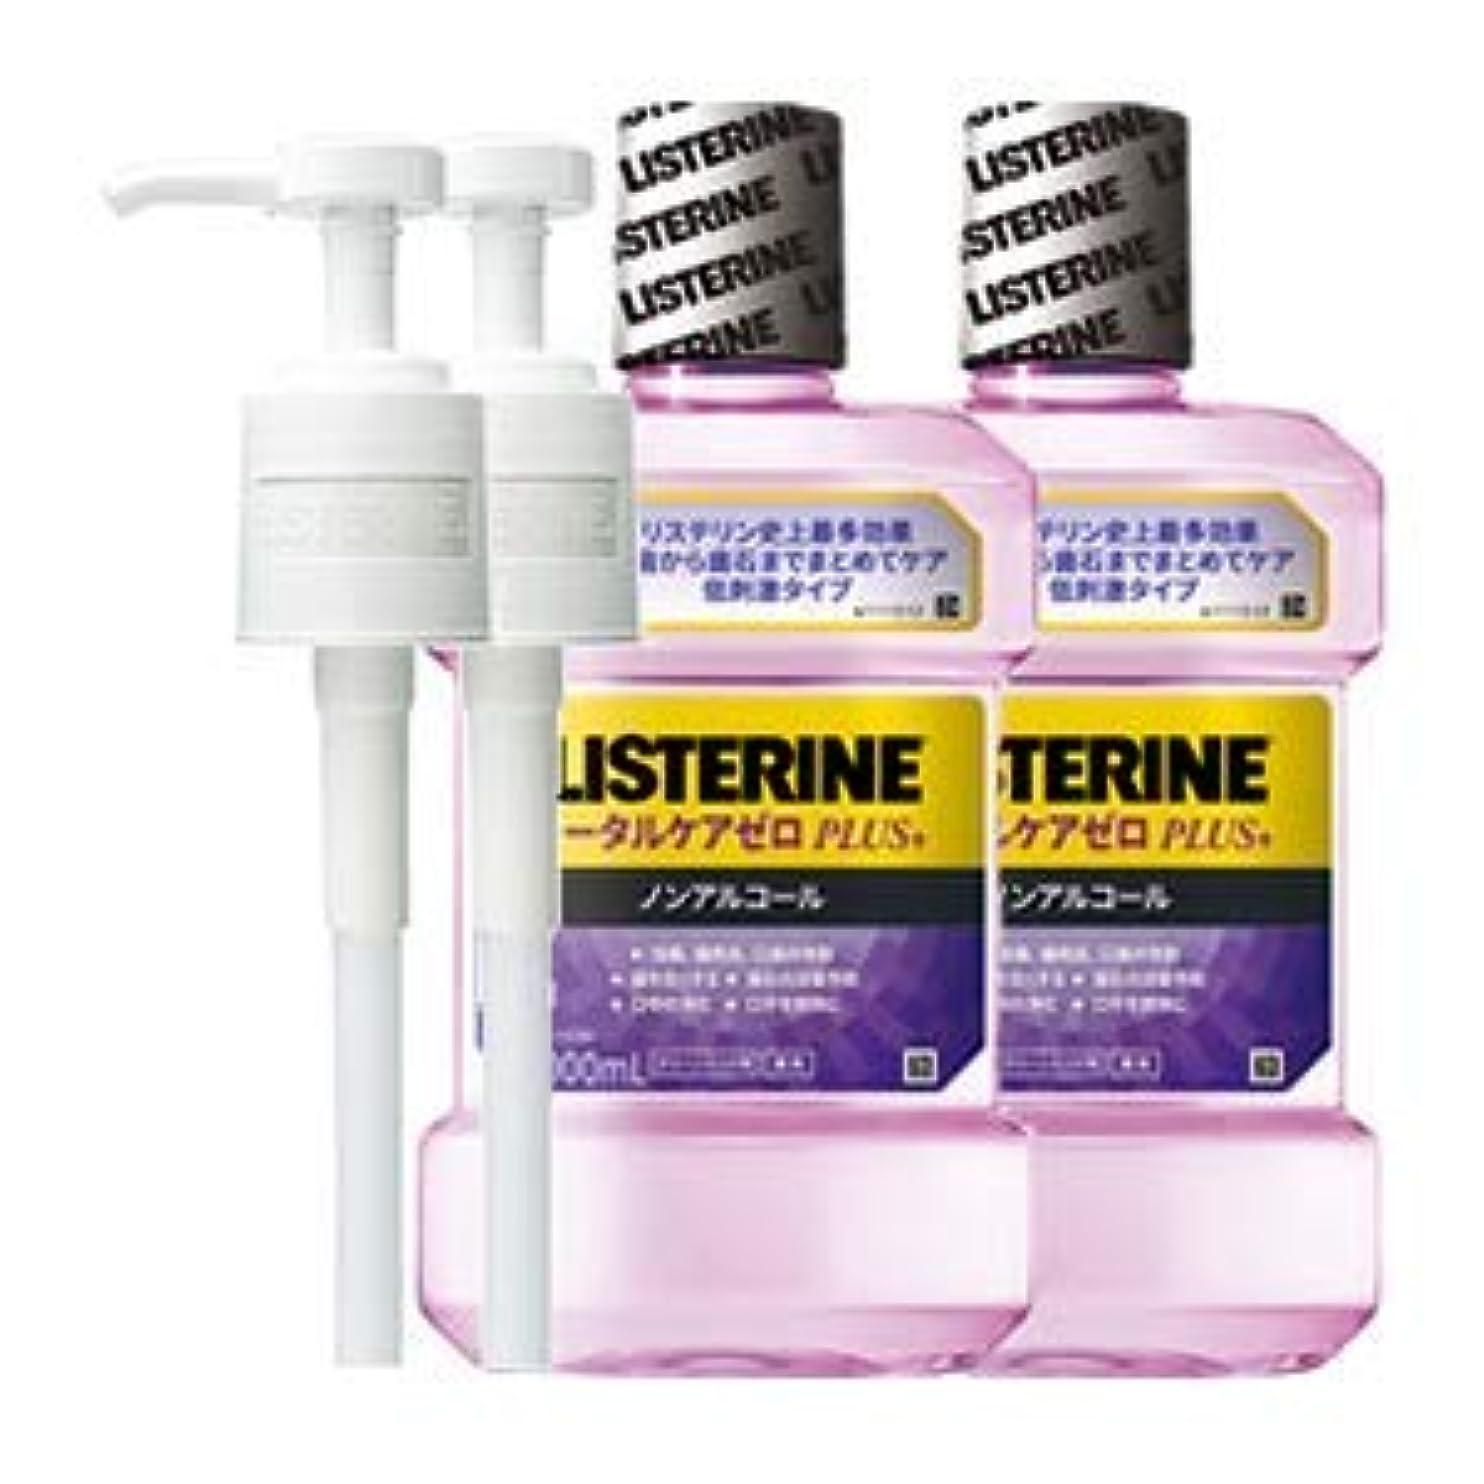 賢明な静的反動薬用リステリン トータルケアゼロプラス (液体歯磨) 1000mL 2点セット (ポンプ付)